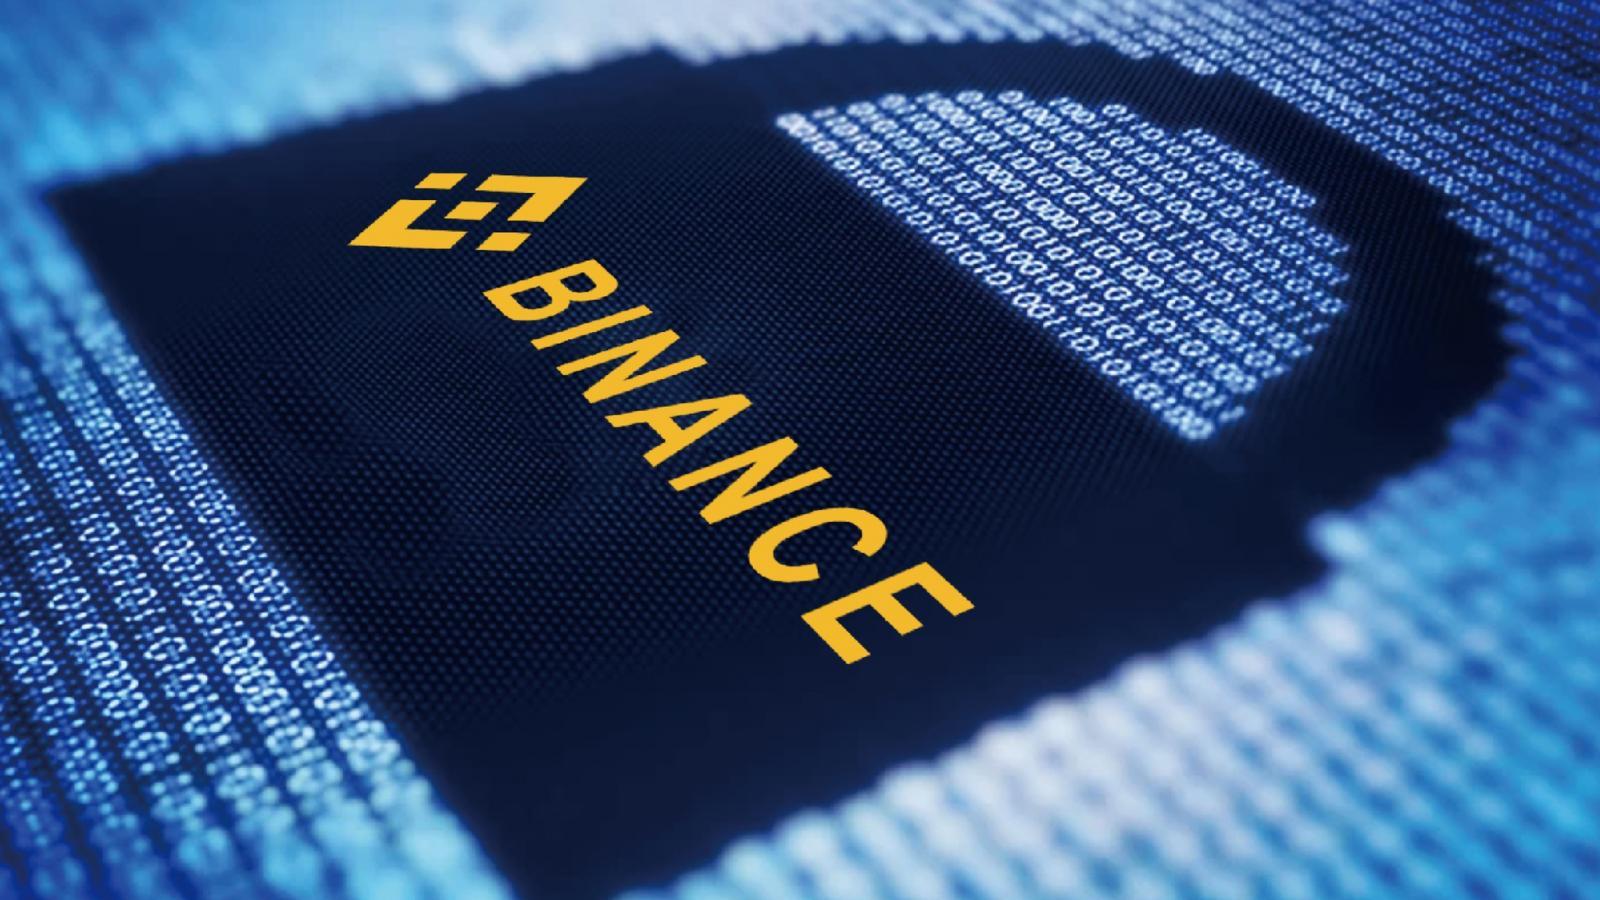 Binance finanziera il governo delle Bermuda con 15 milioni di investimenti nelleducazione digitale  - Binance finanzierà il governo delle Bermuda con 15 milioni di dollari in investimenti nell'educazione digitale